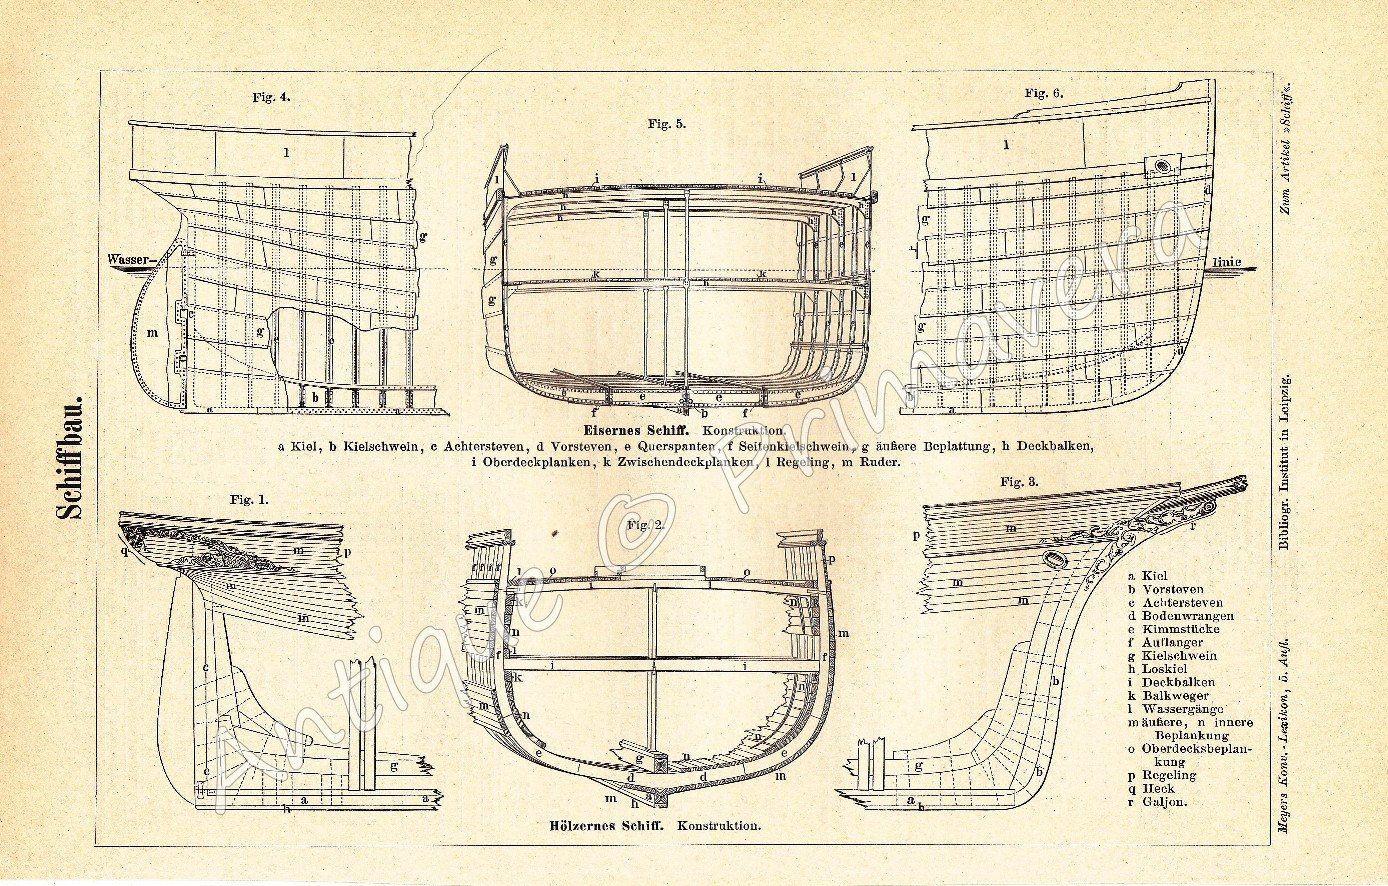 1896 Shipbuilding Naval Architecture Construction Of Wooden Etsy Boat Building Plans Boat Building Wooden Boat Plans